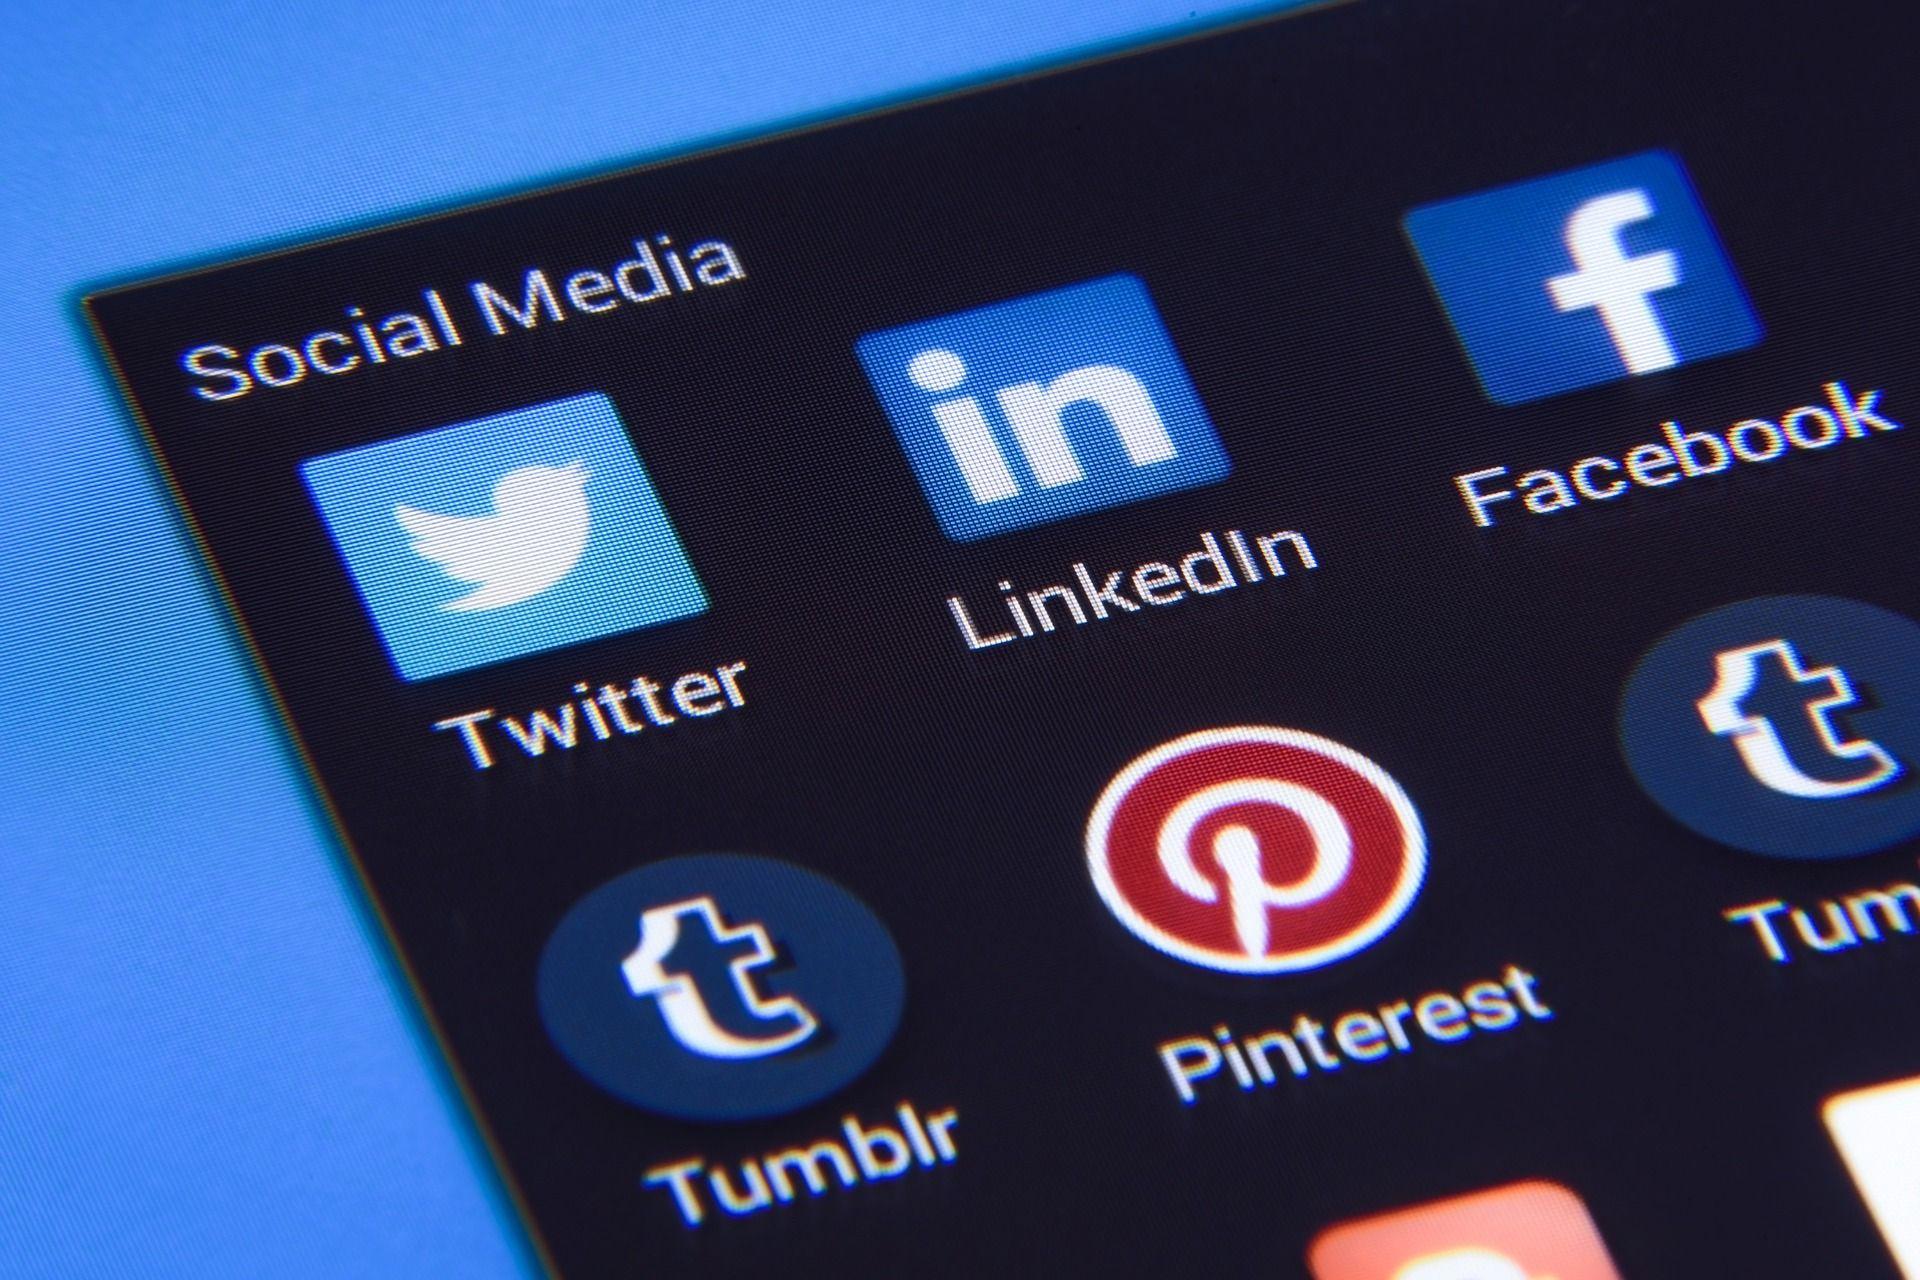 Social Media - Photo Mix Pixabay